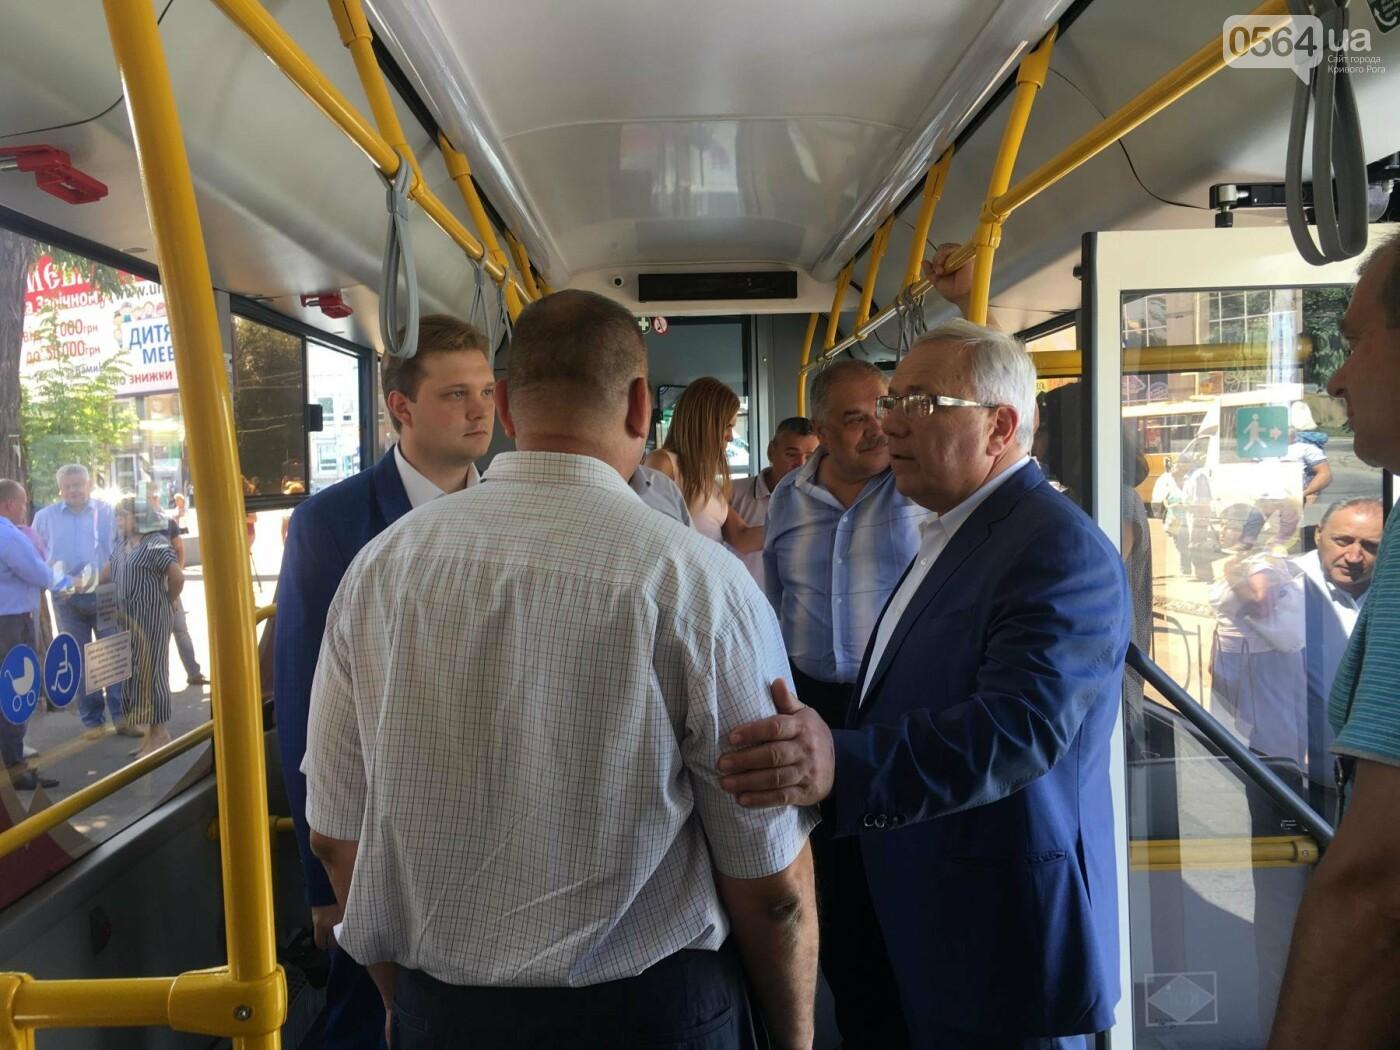 Как в Кривом Роге торжественно вручили водителям ключи от новых троллейбусов и автобусов, - ФОТО, ВИДЕО, фото-35